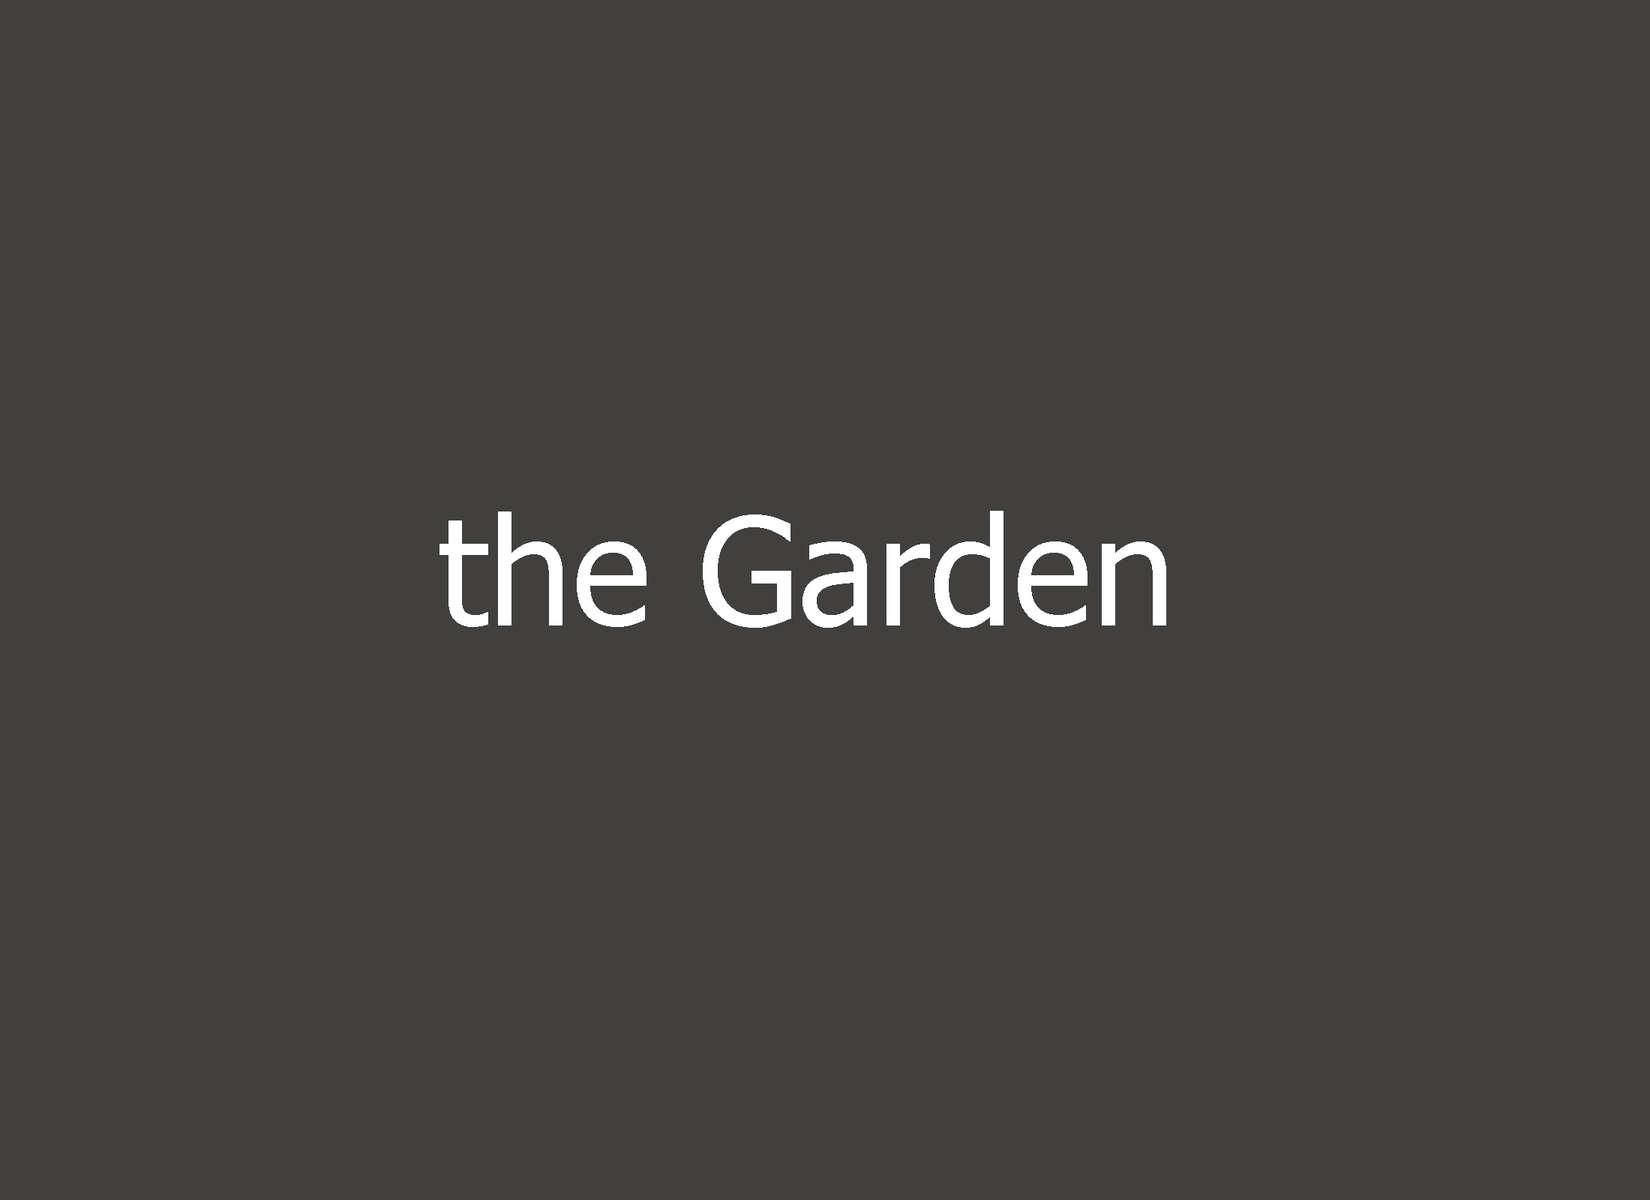 the-garden_text